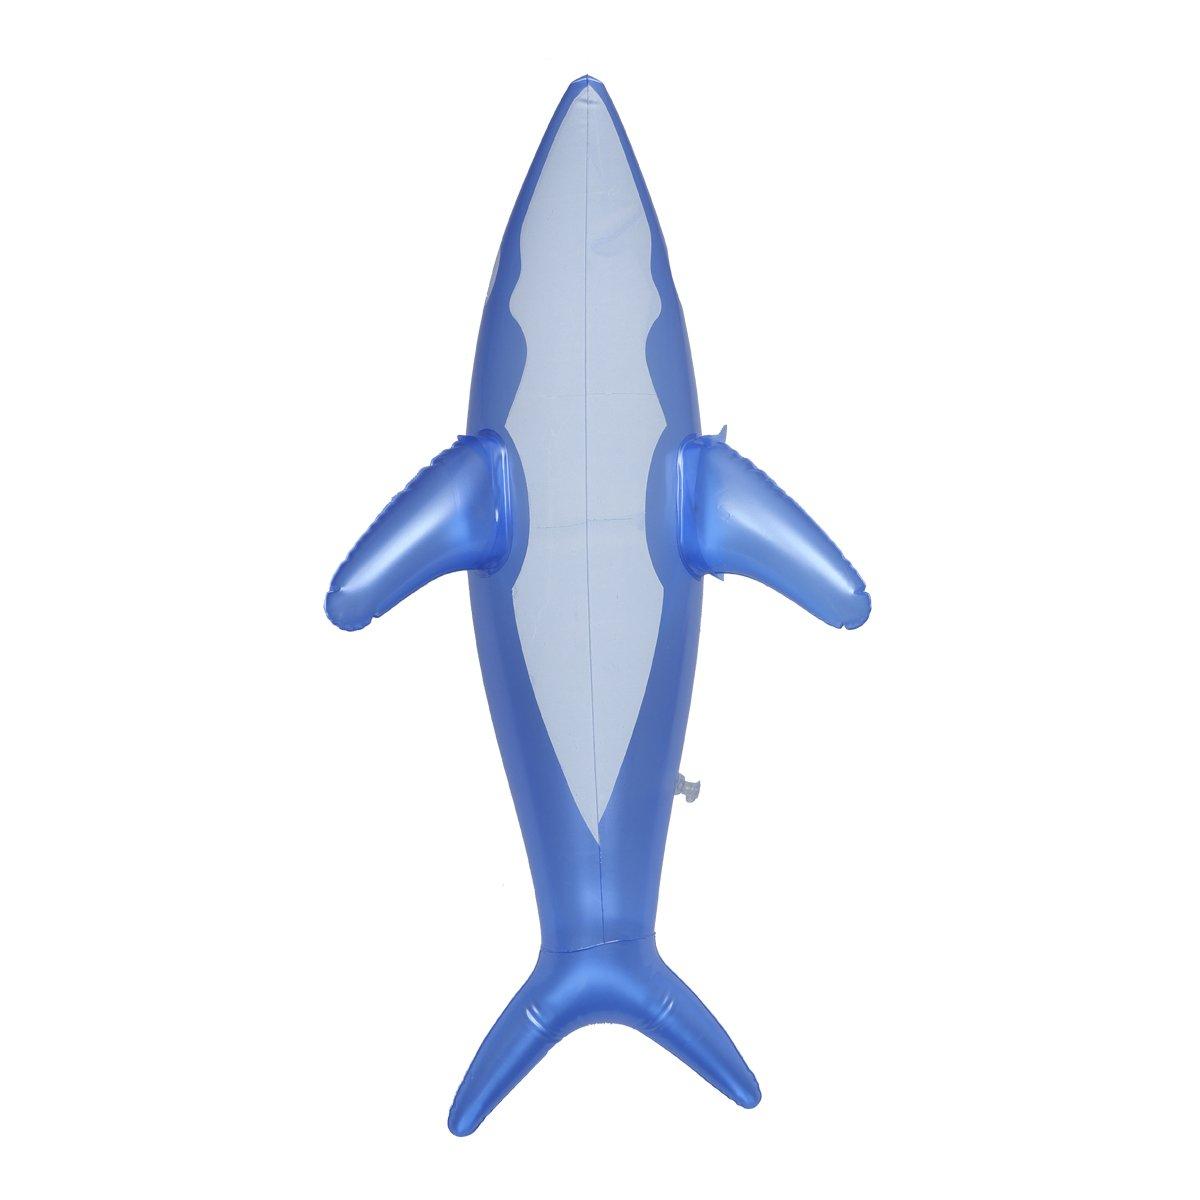 Blau Toyvian Aufblasbares Balena Delbis Planschbecken Giro Pool Strand Spielzeug